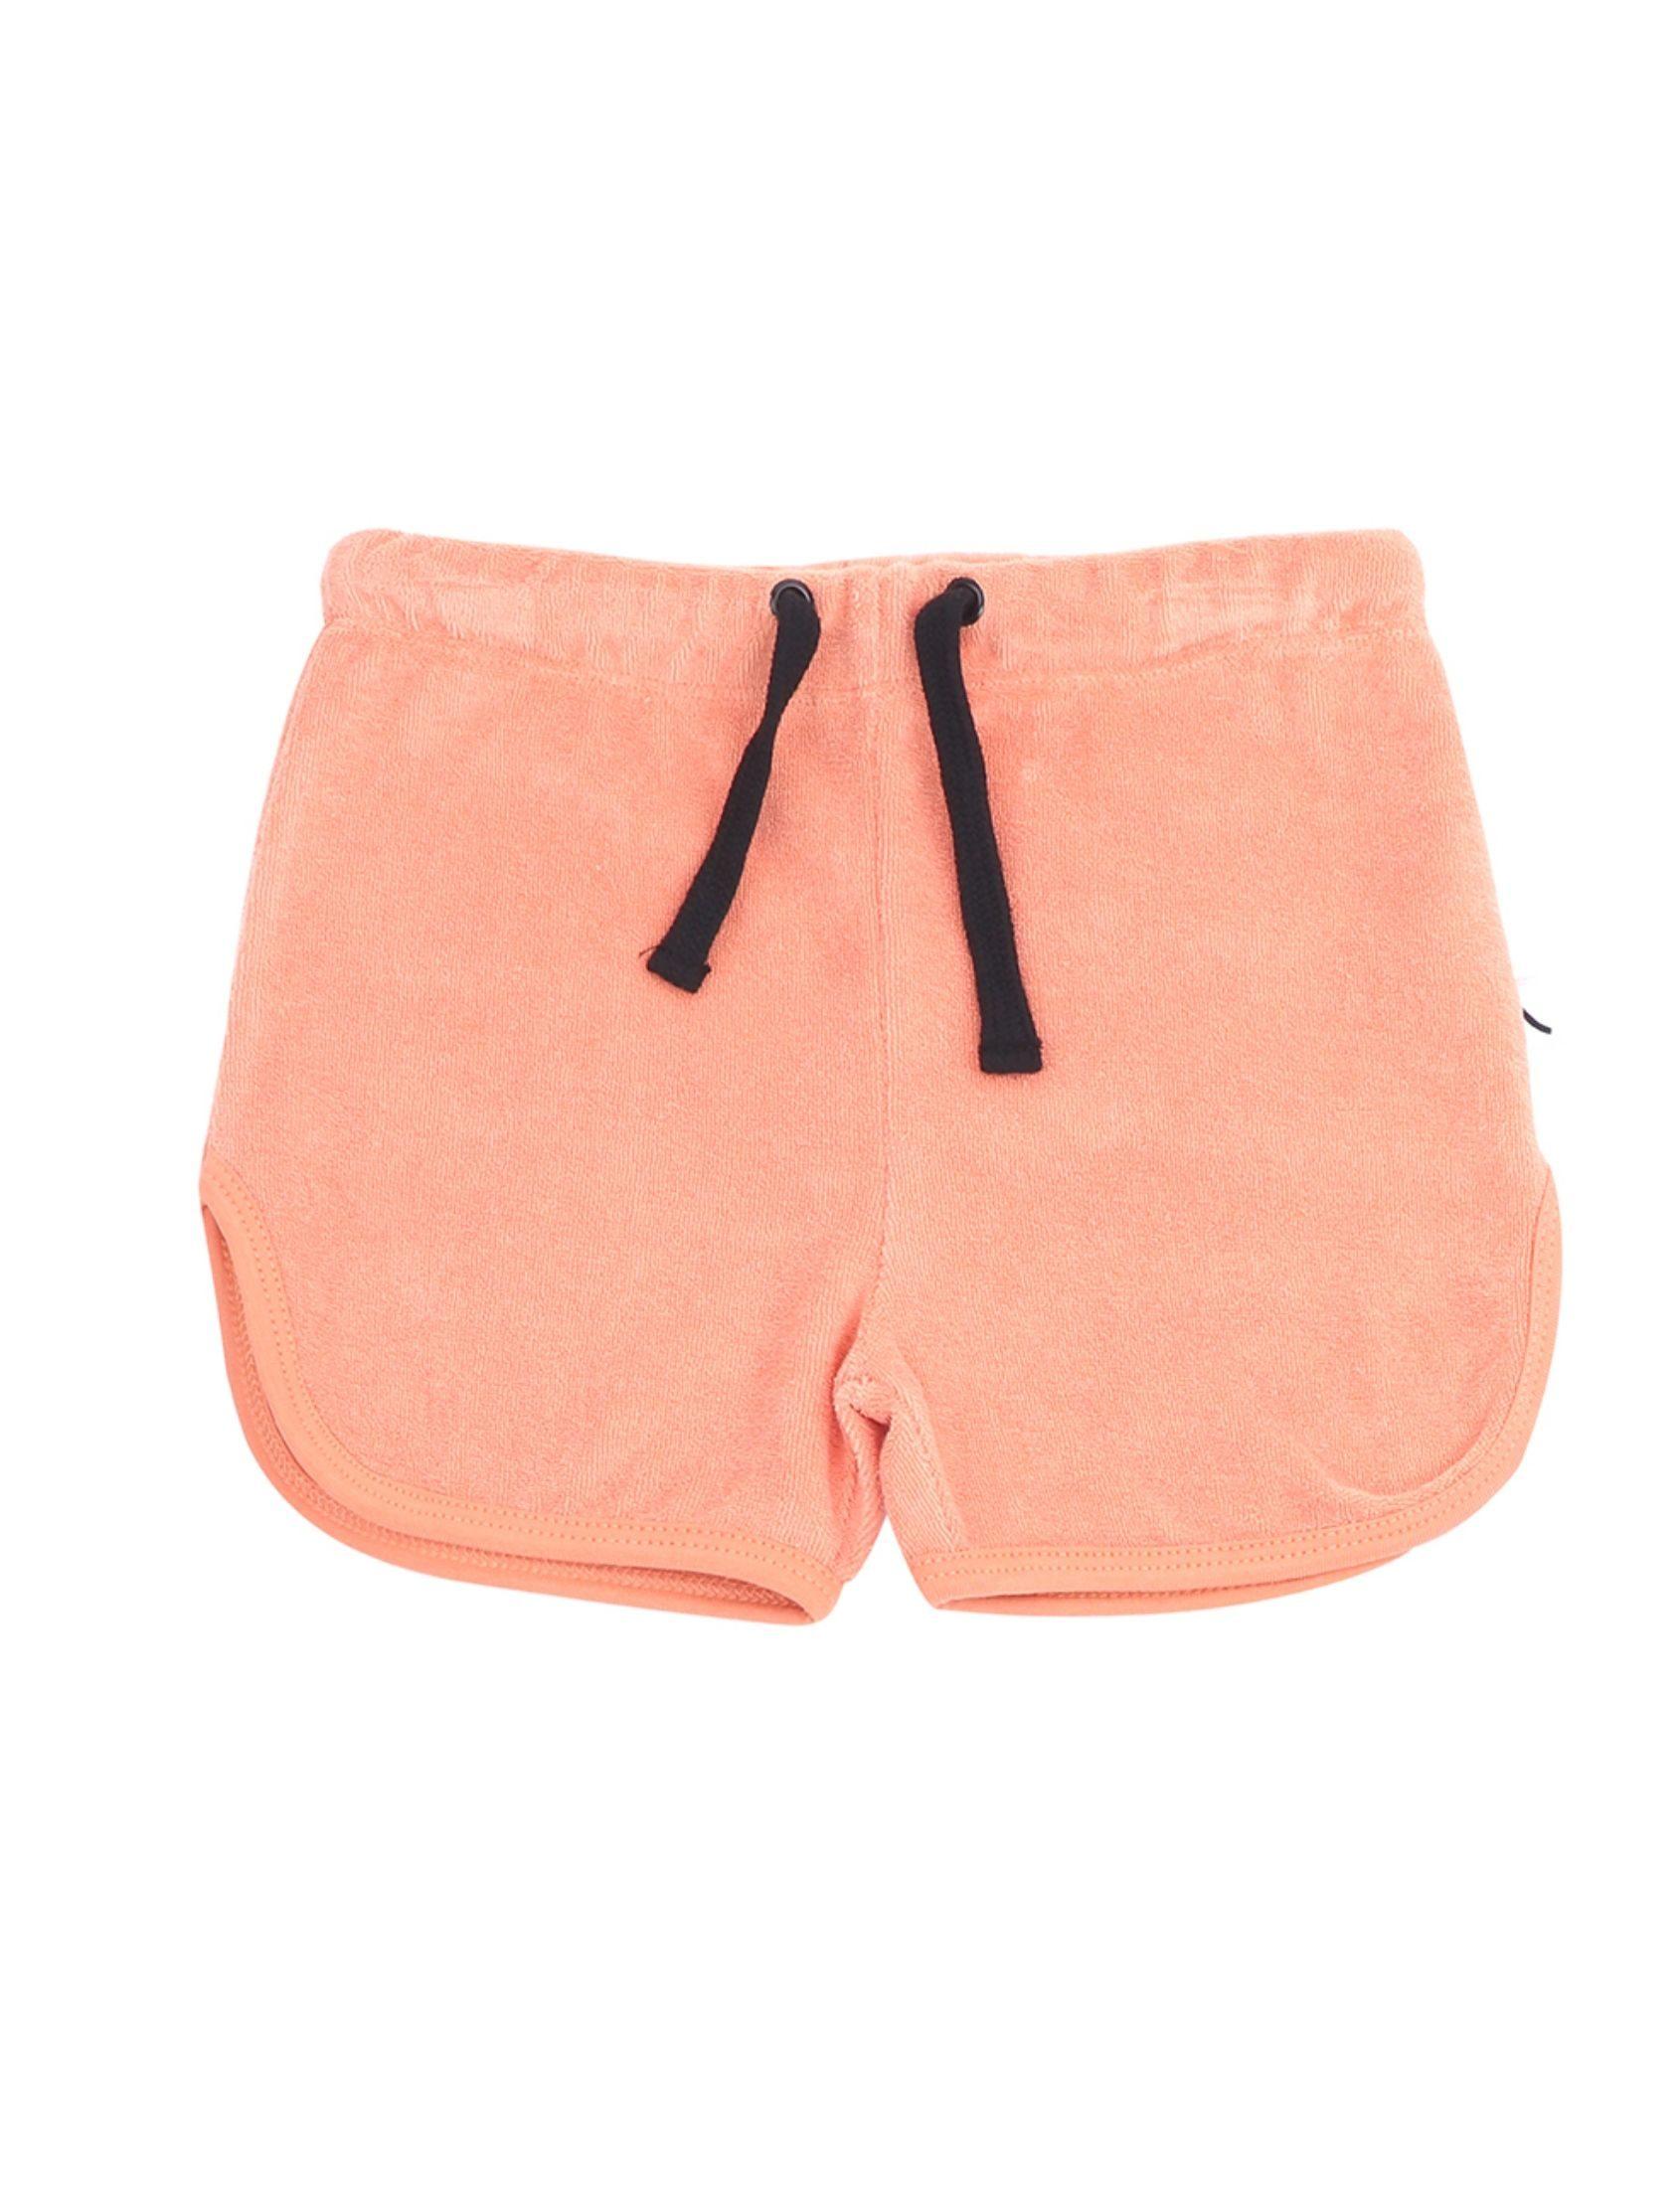 short básico con tejido de toalla en color naranja, goma en la cintura y cordón en negro